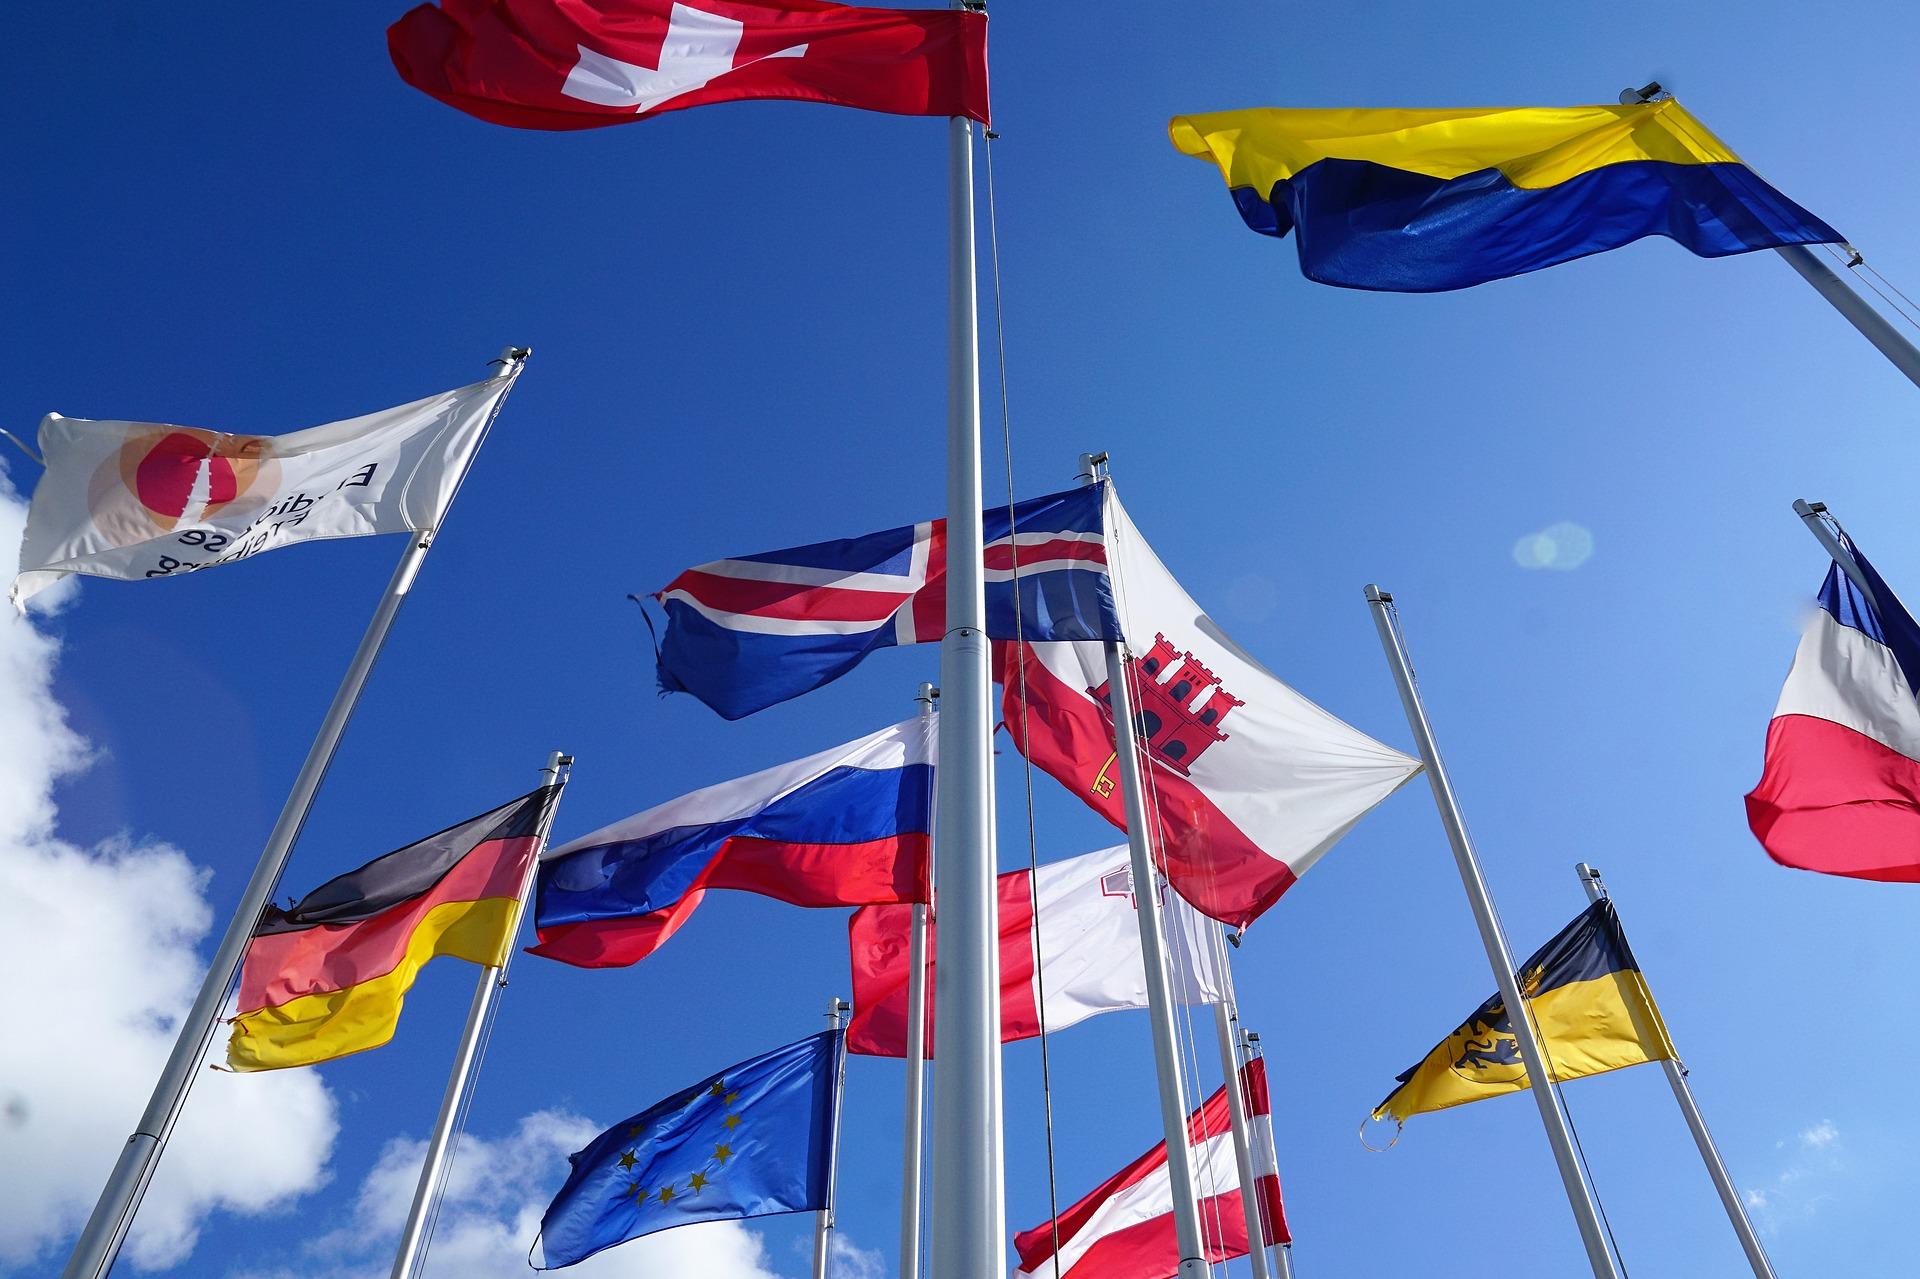 Flaggen verschiedener EU-Staaten